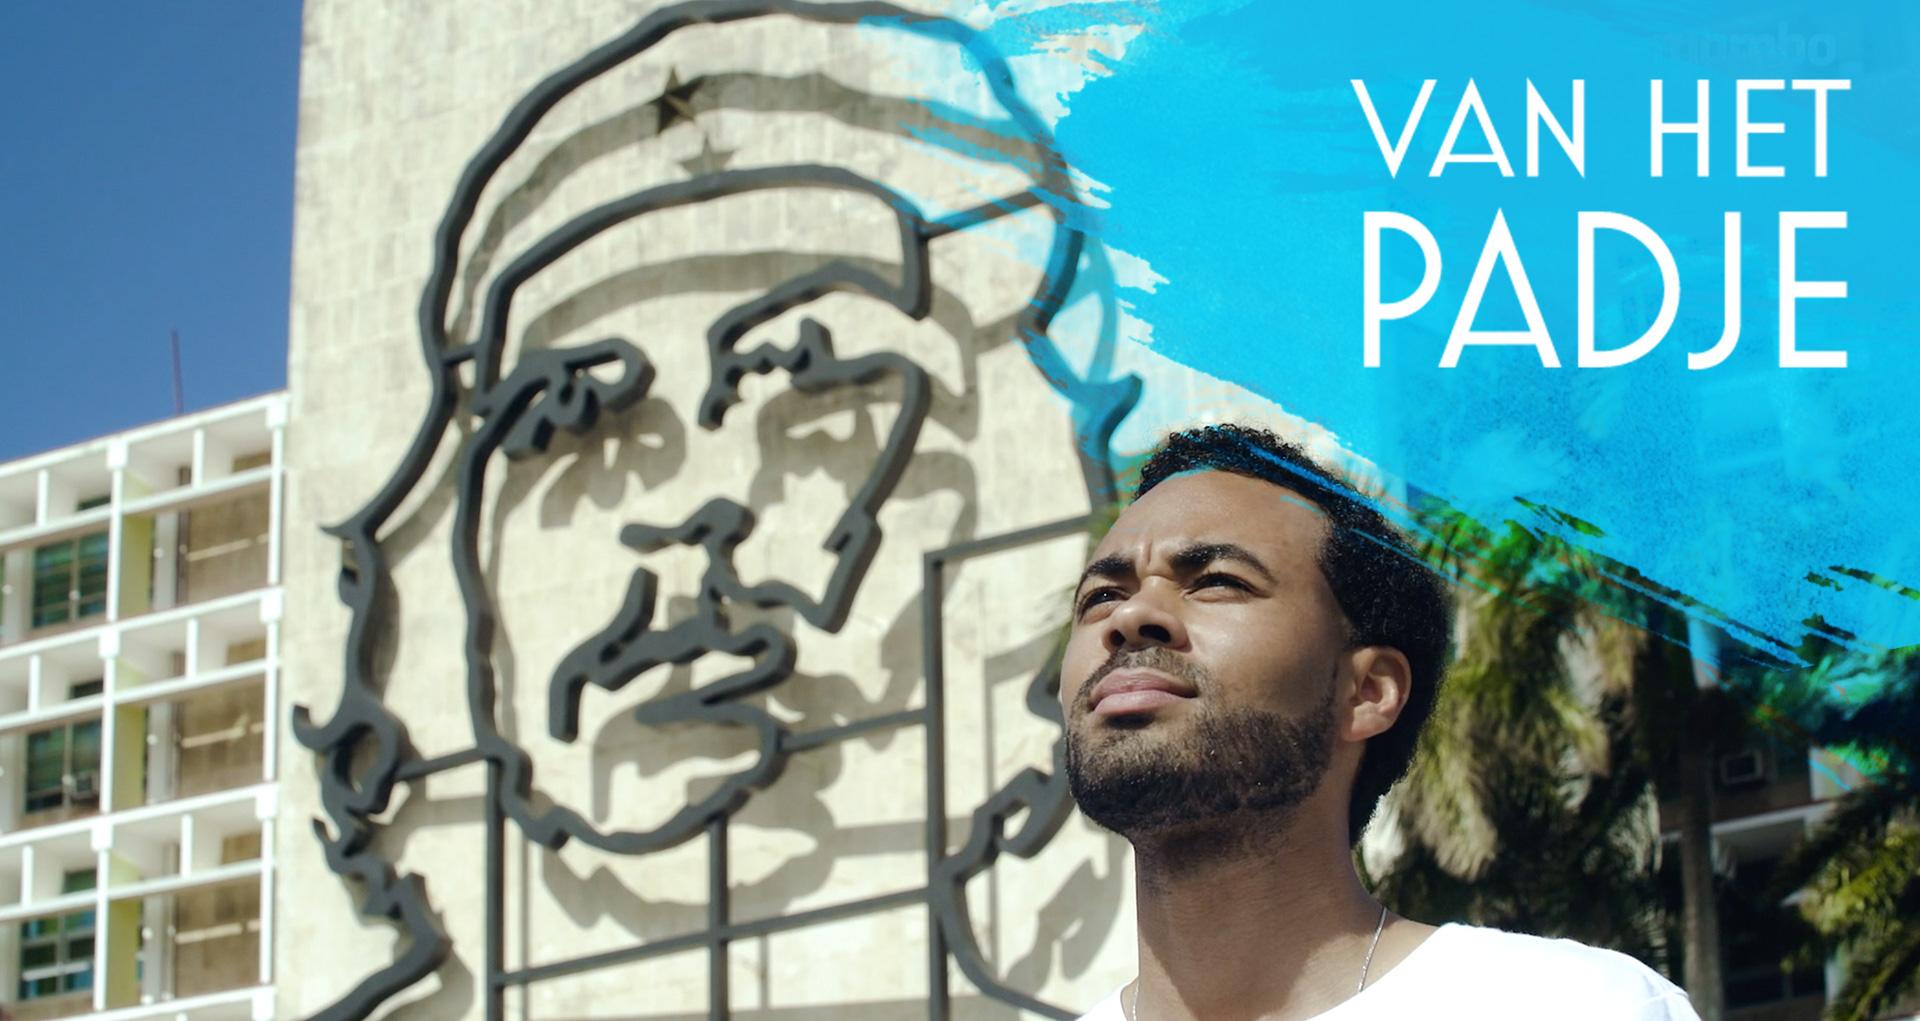 Van het Padje in Cuba | Nathan is in Havana | Mambo Reizen